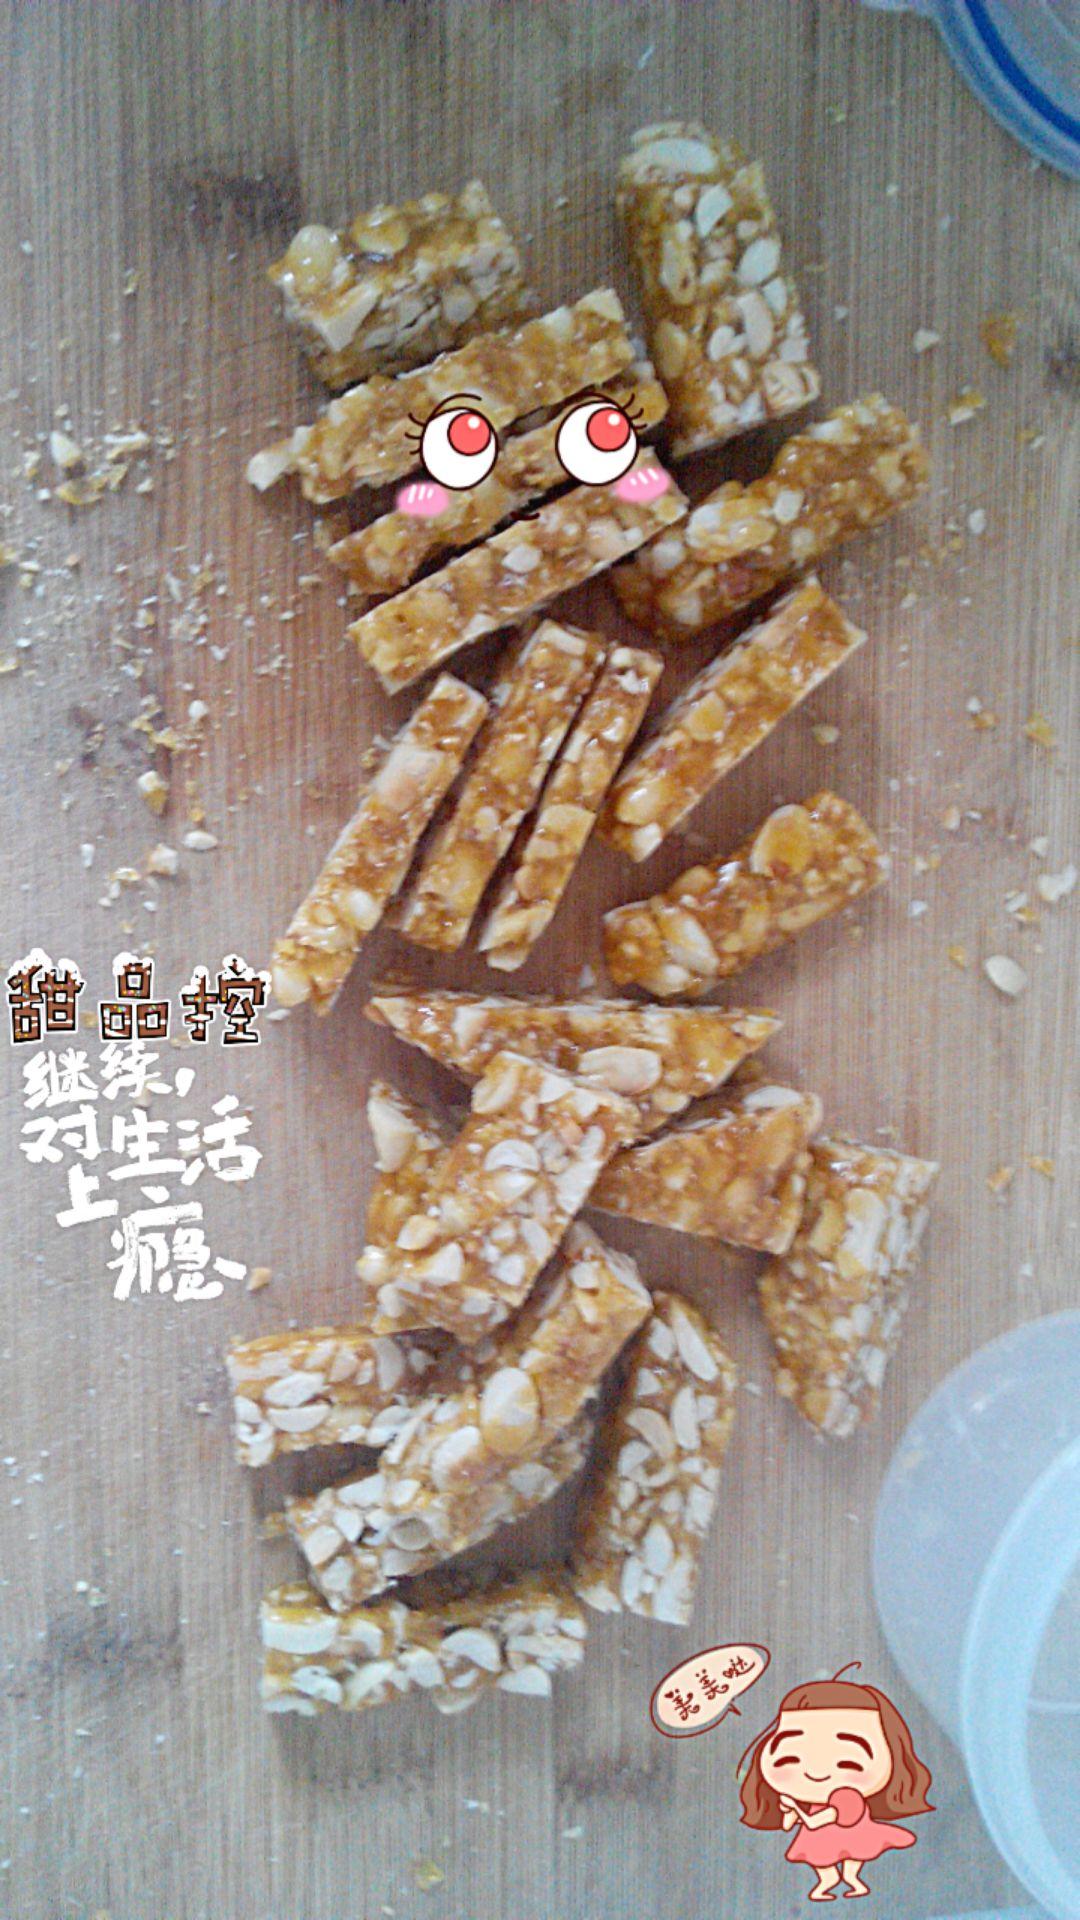 自制花生糖的做法_【圖解】自制花生糖怎么做如何做好吃_自制花生糖家常做法大全_云朵美食_豆果美食